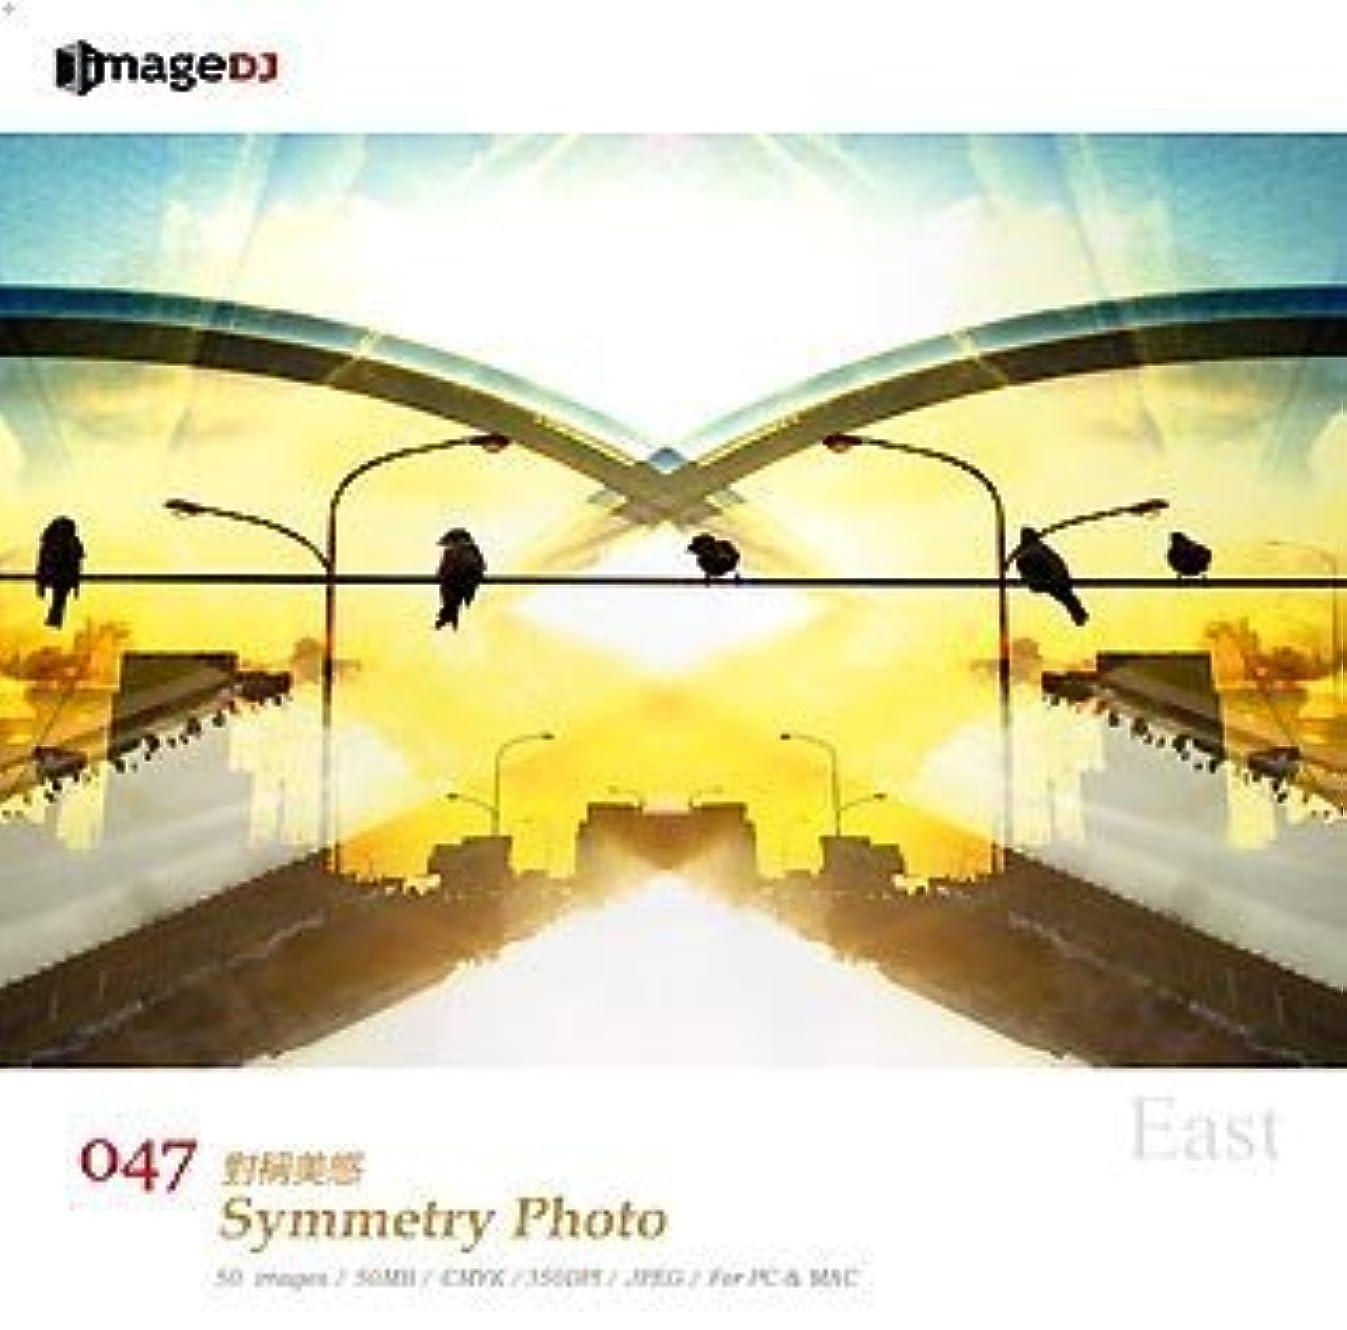 マリナーおなじみのペンフレンドEAST vol.47 対称写真 Symmetry Photo